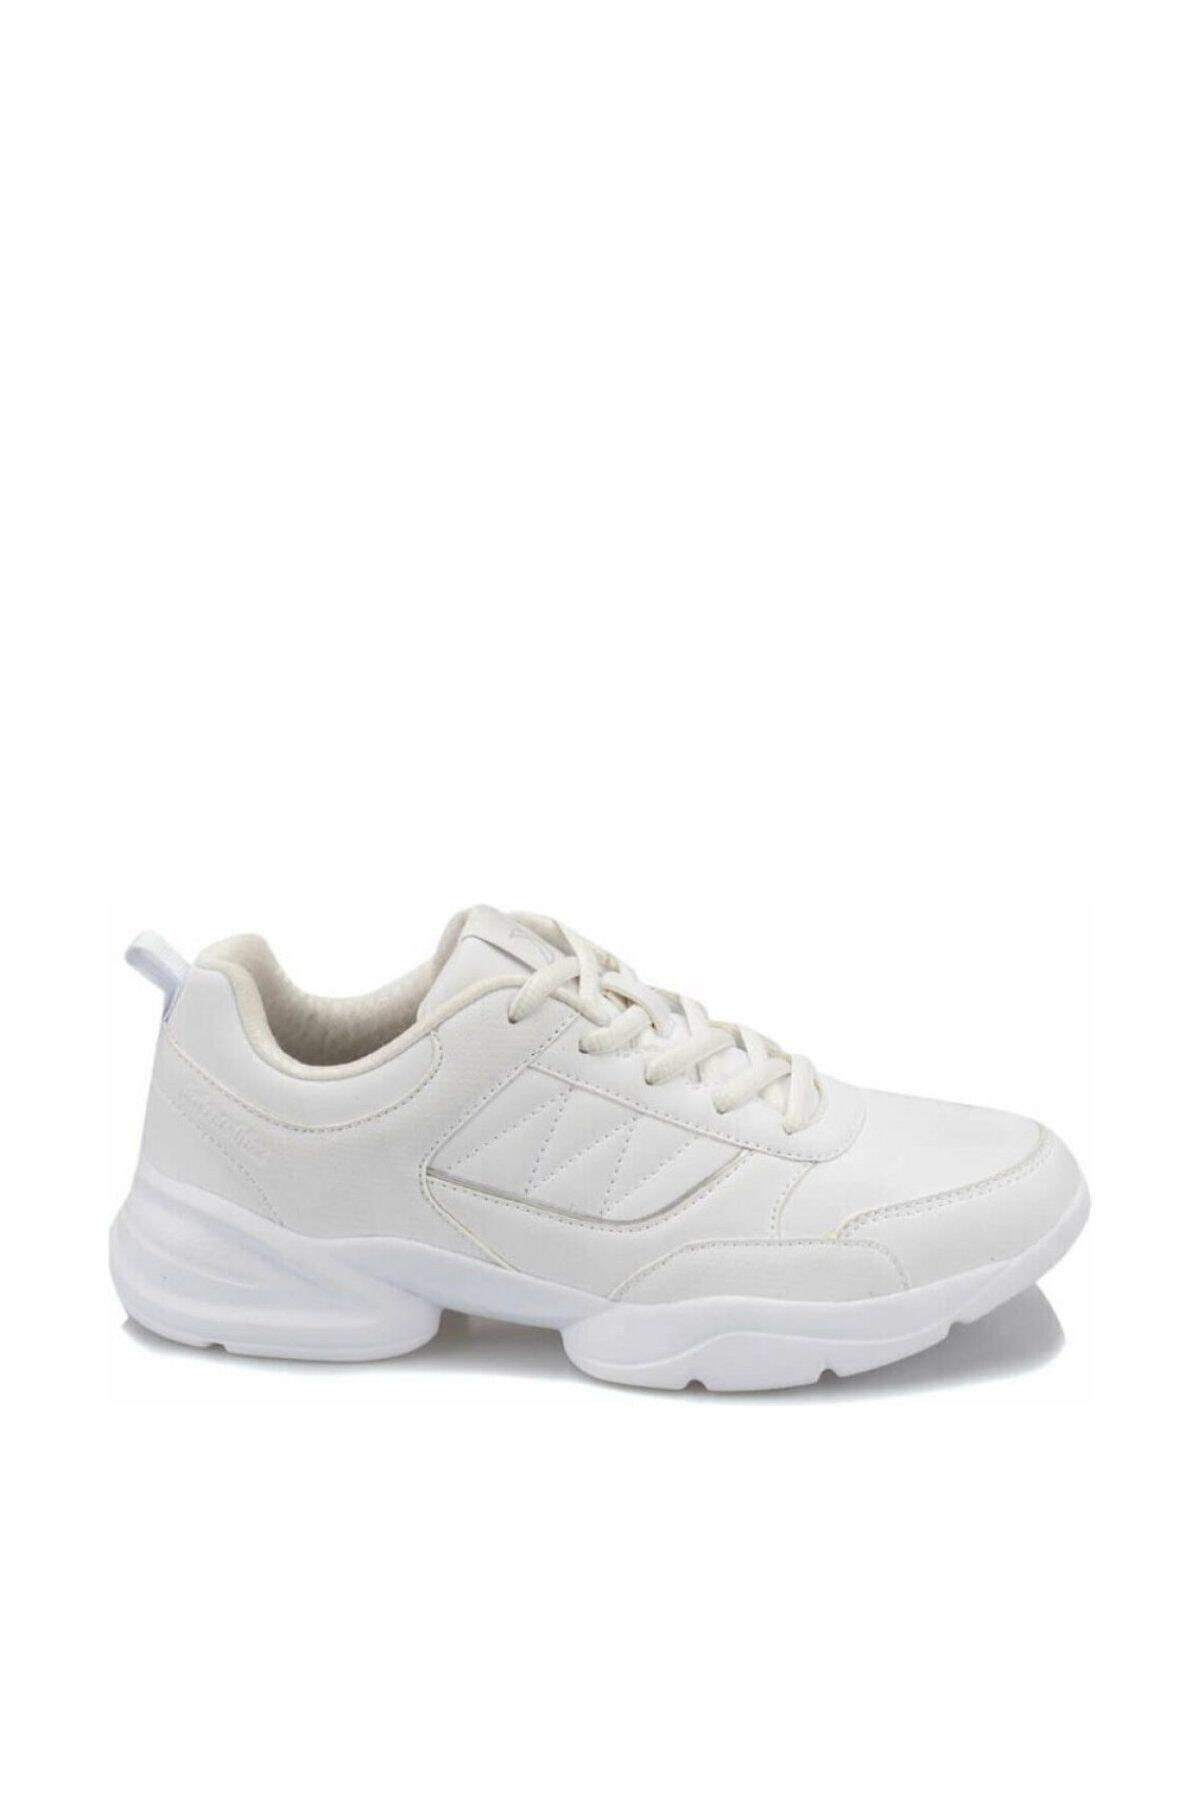 Kinetix PERLA W 9PR Beyaz Kadın Kalın Taban Sneaker Spor Ayakkabı 100426870 2